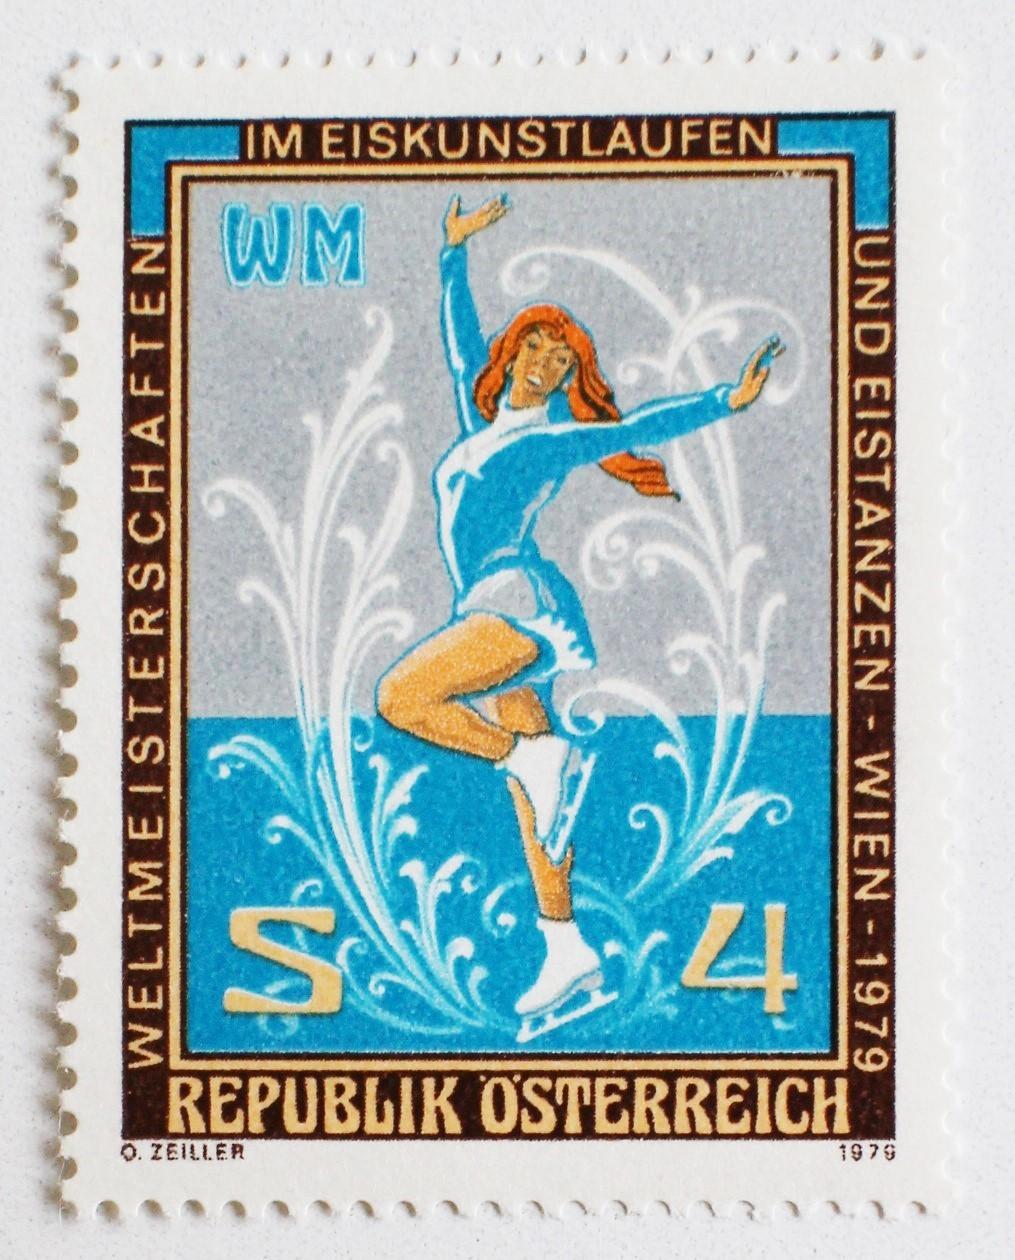 フィギュアスケート / オーストリア 1979